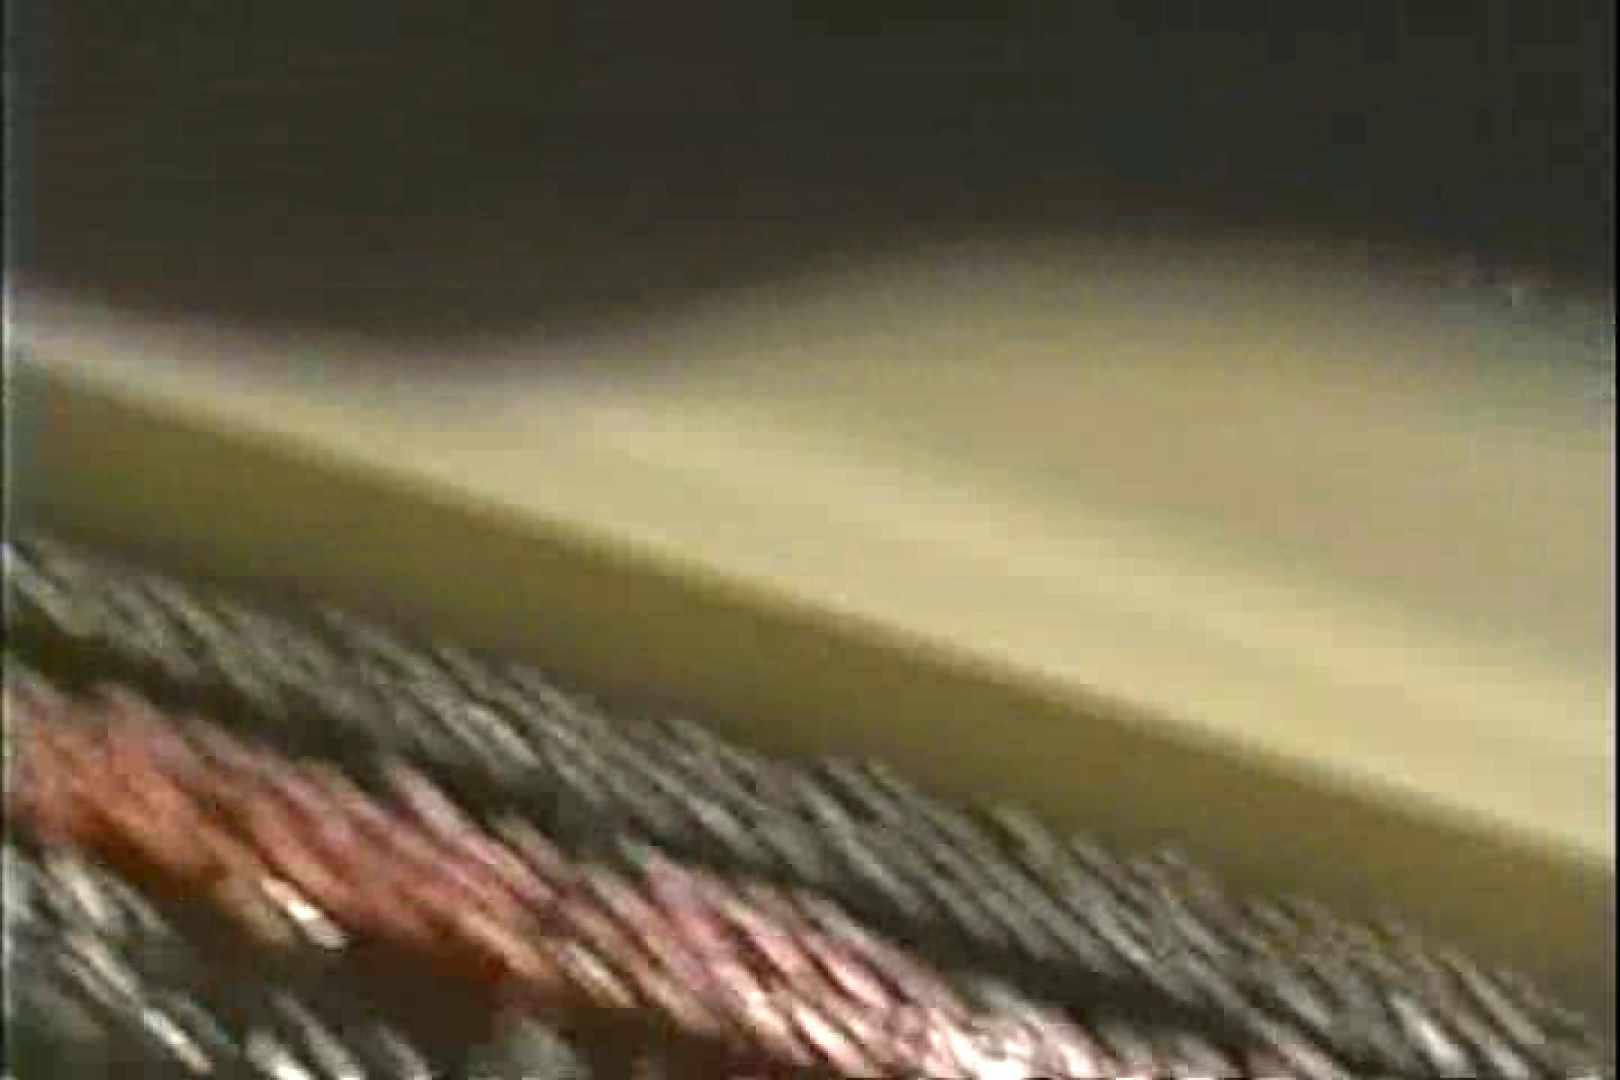 「ちくりん」さんのオリジナル未編集パンチラVol.3_01 お姉さんヌード | ぱっくり下半身  100画像 85